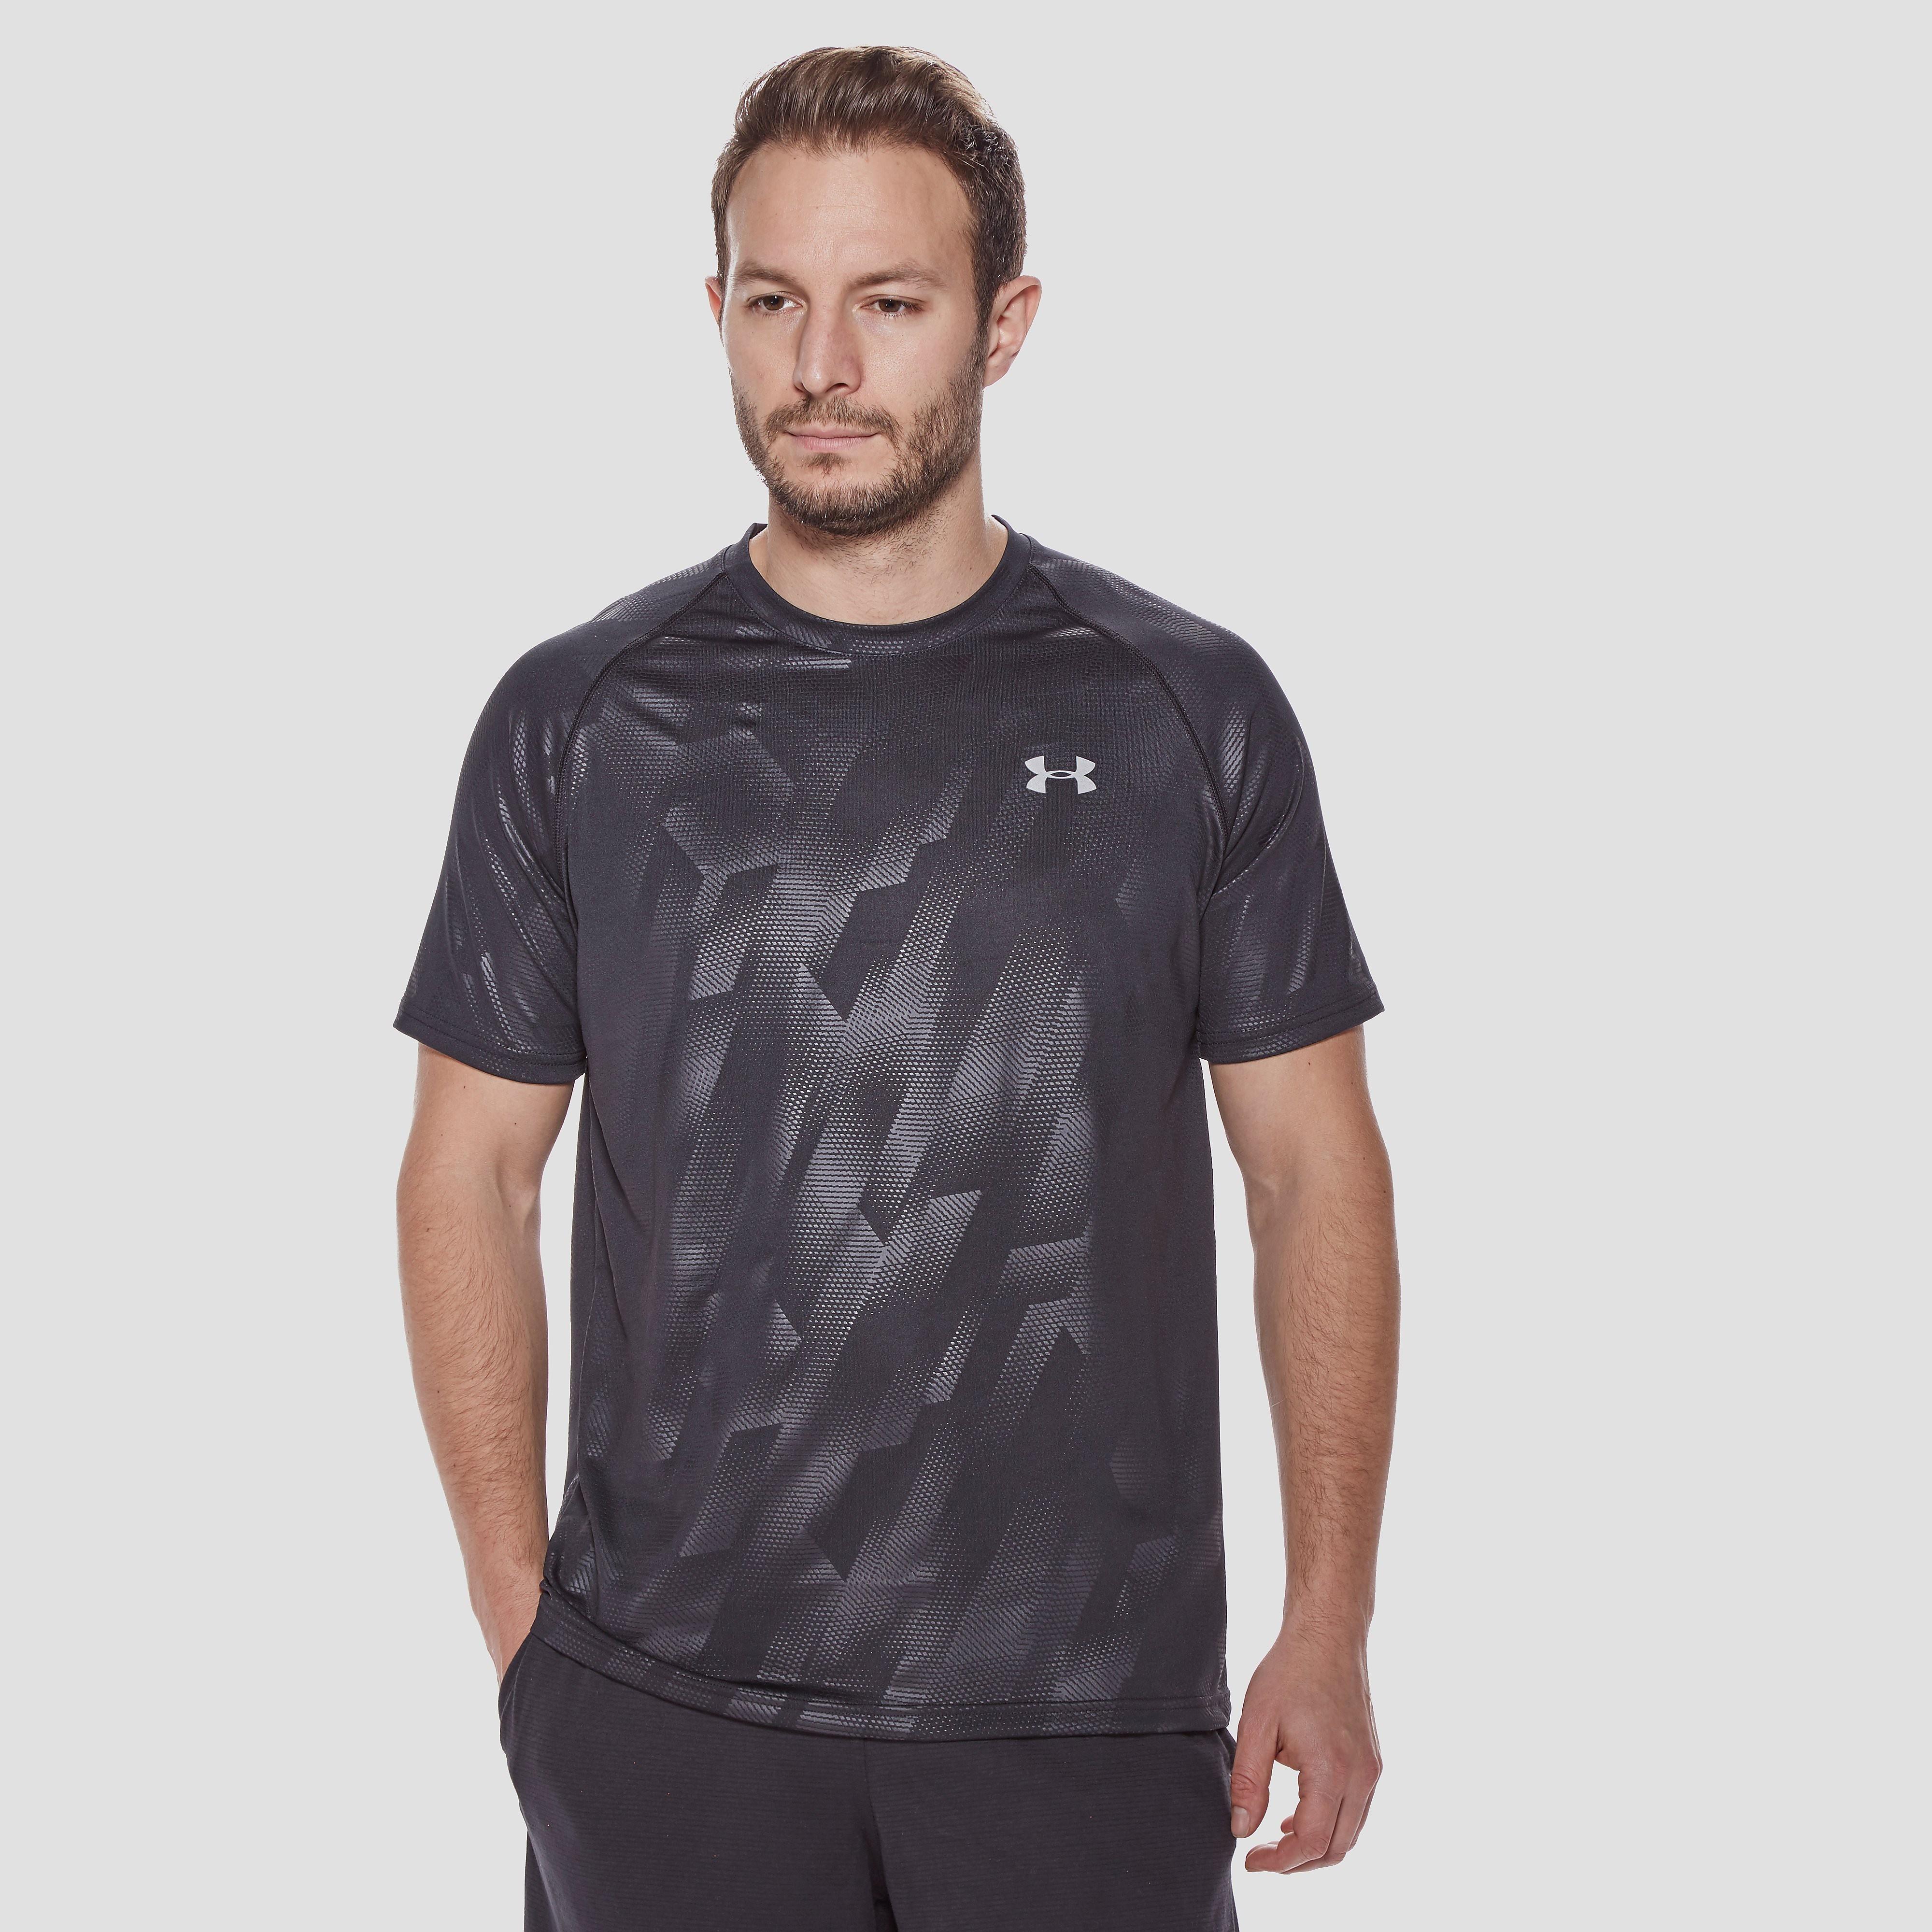 Under Armour Tech Pattern Men's T-Shirt